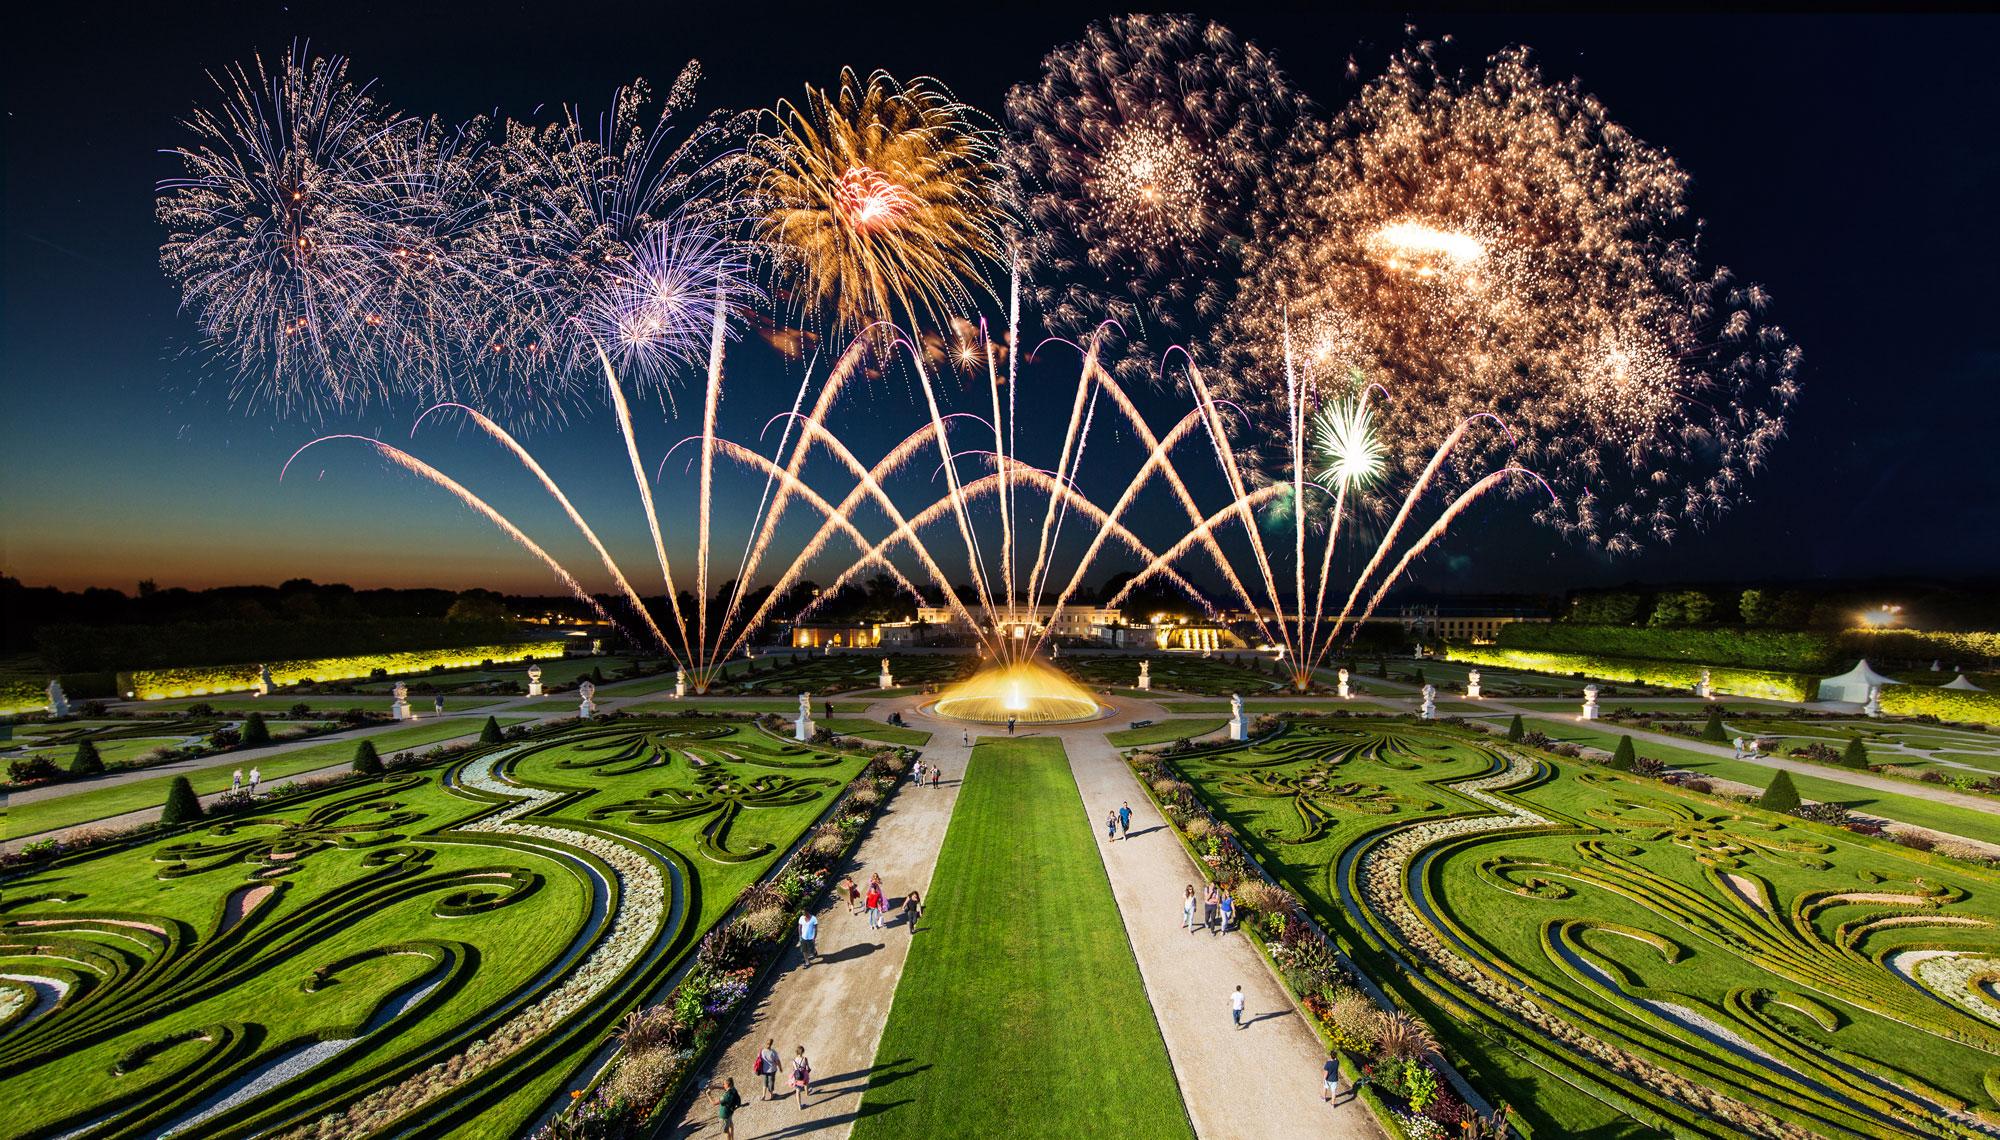 Royal Gardens Of Herrenhausen Hannover Timelapse Hannover